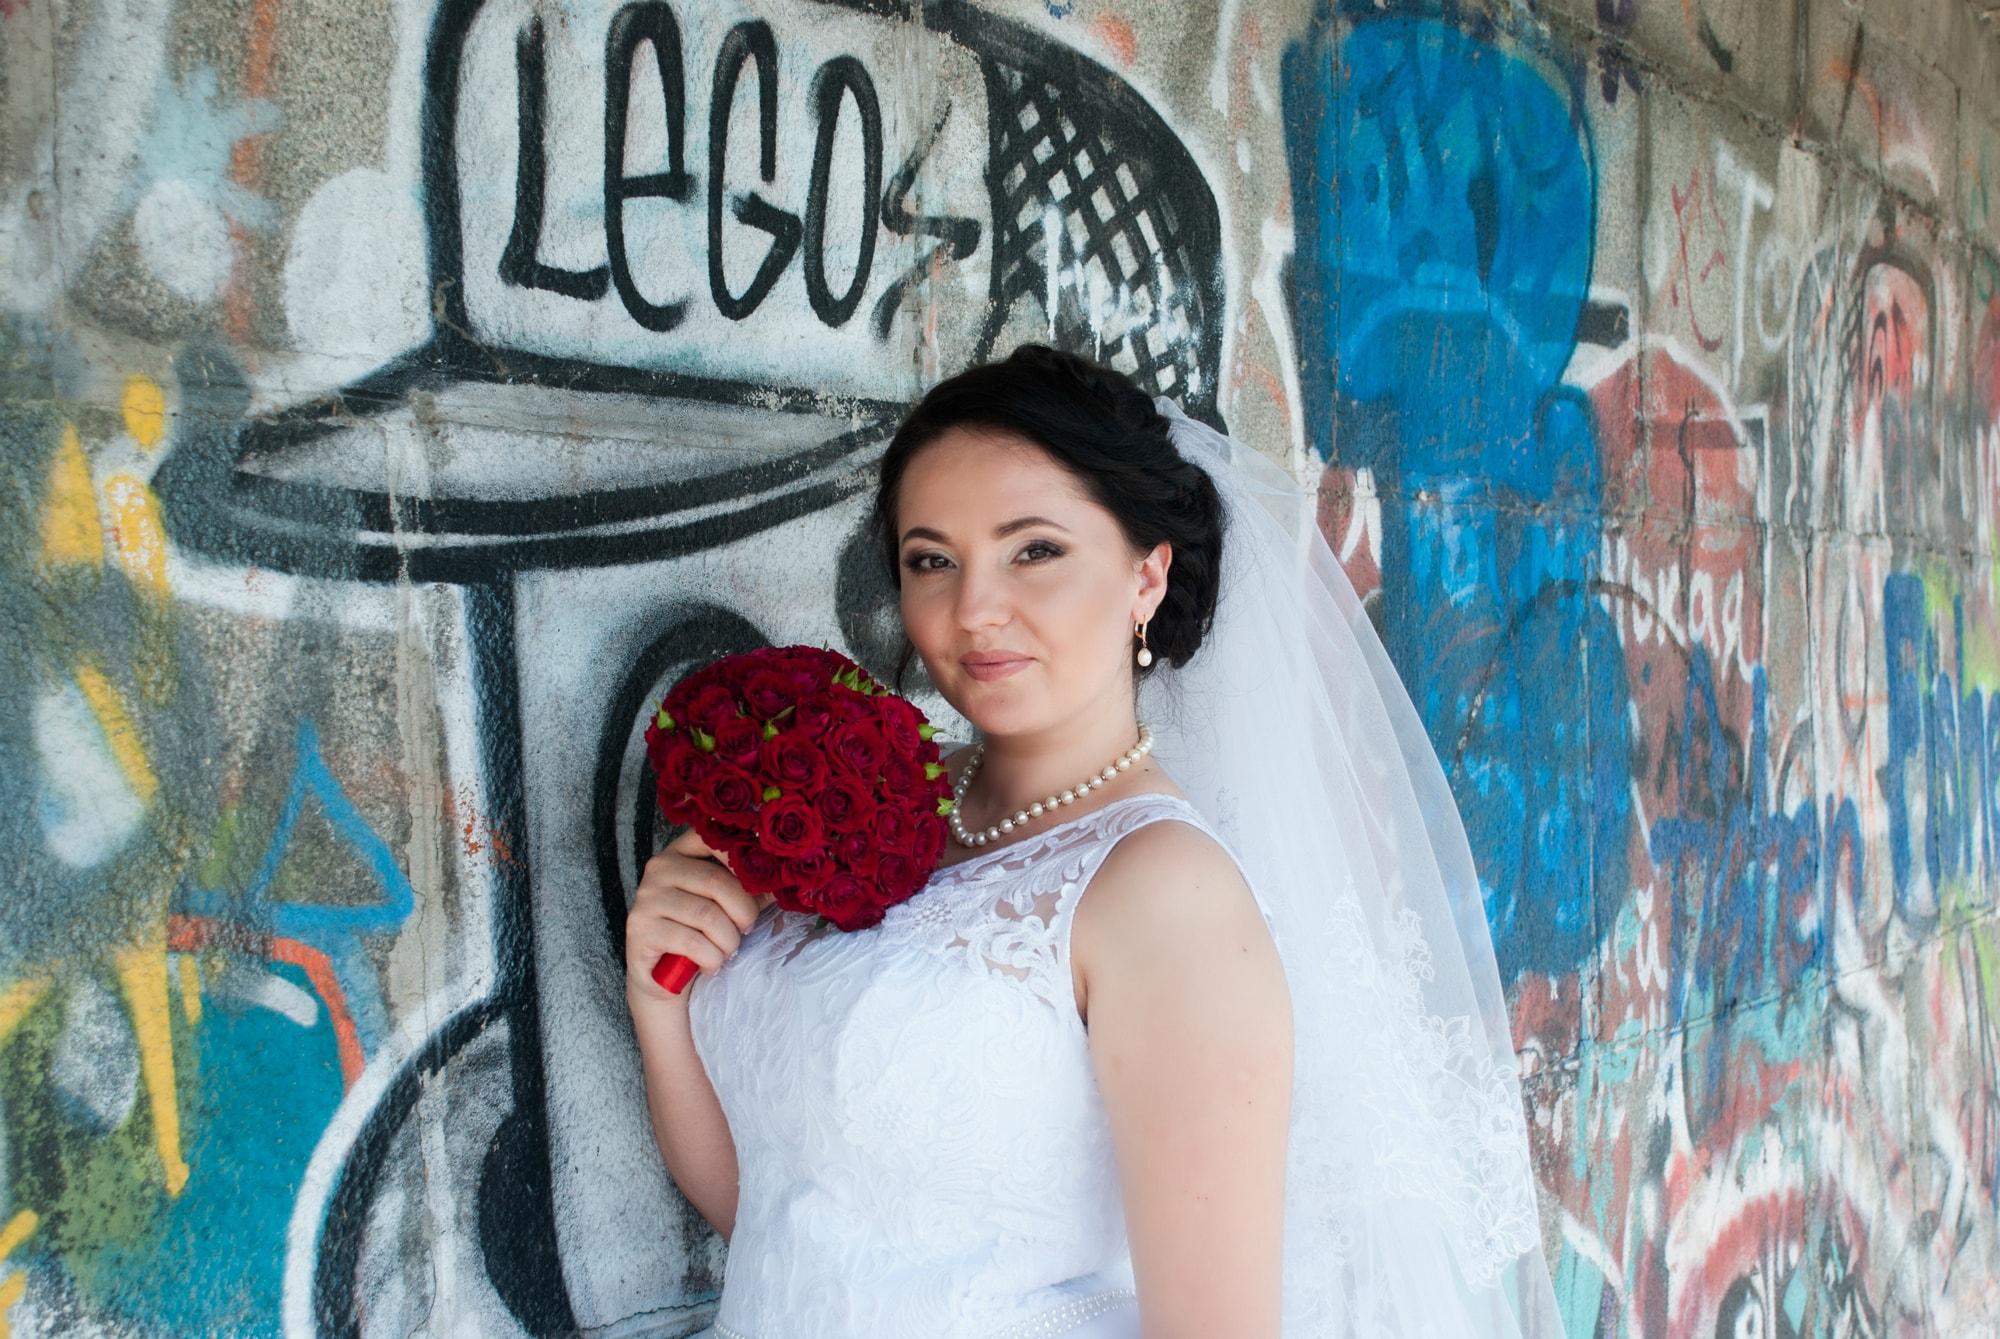 Фотосессия возле стены граффити - Фотограф Киев - Женя Лайт